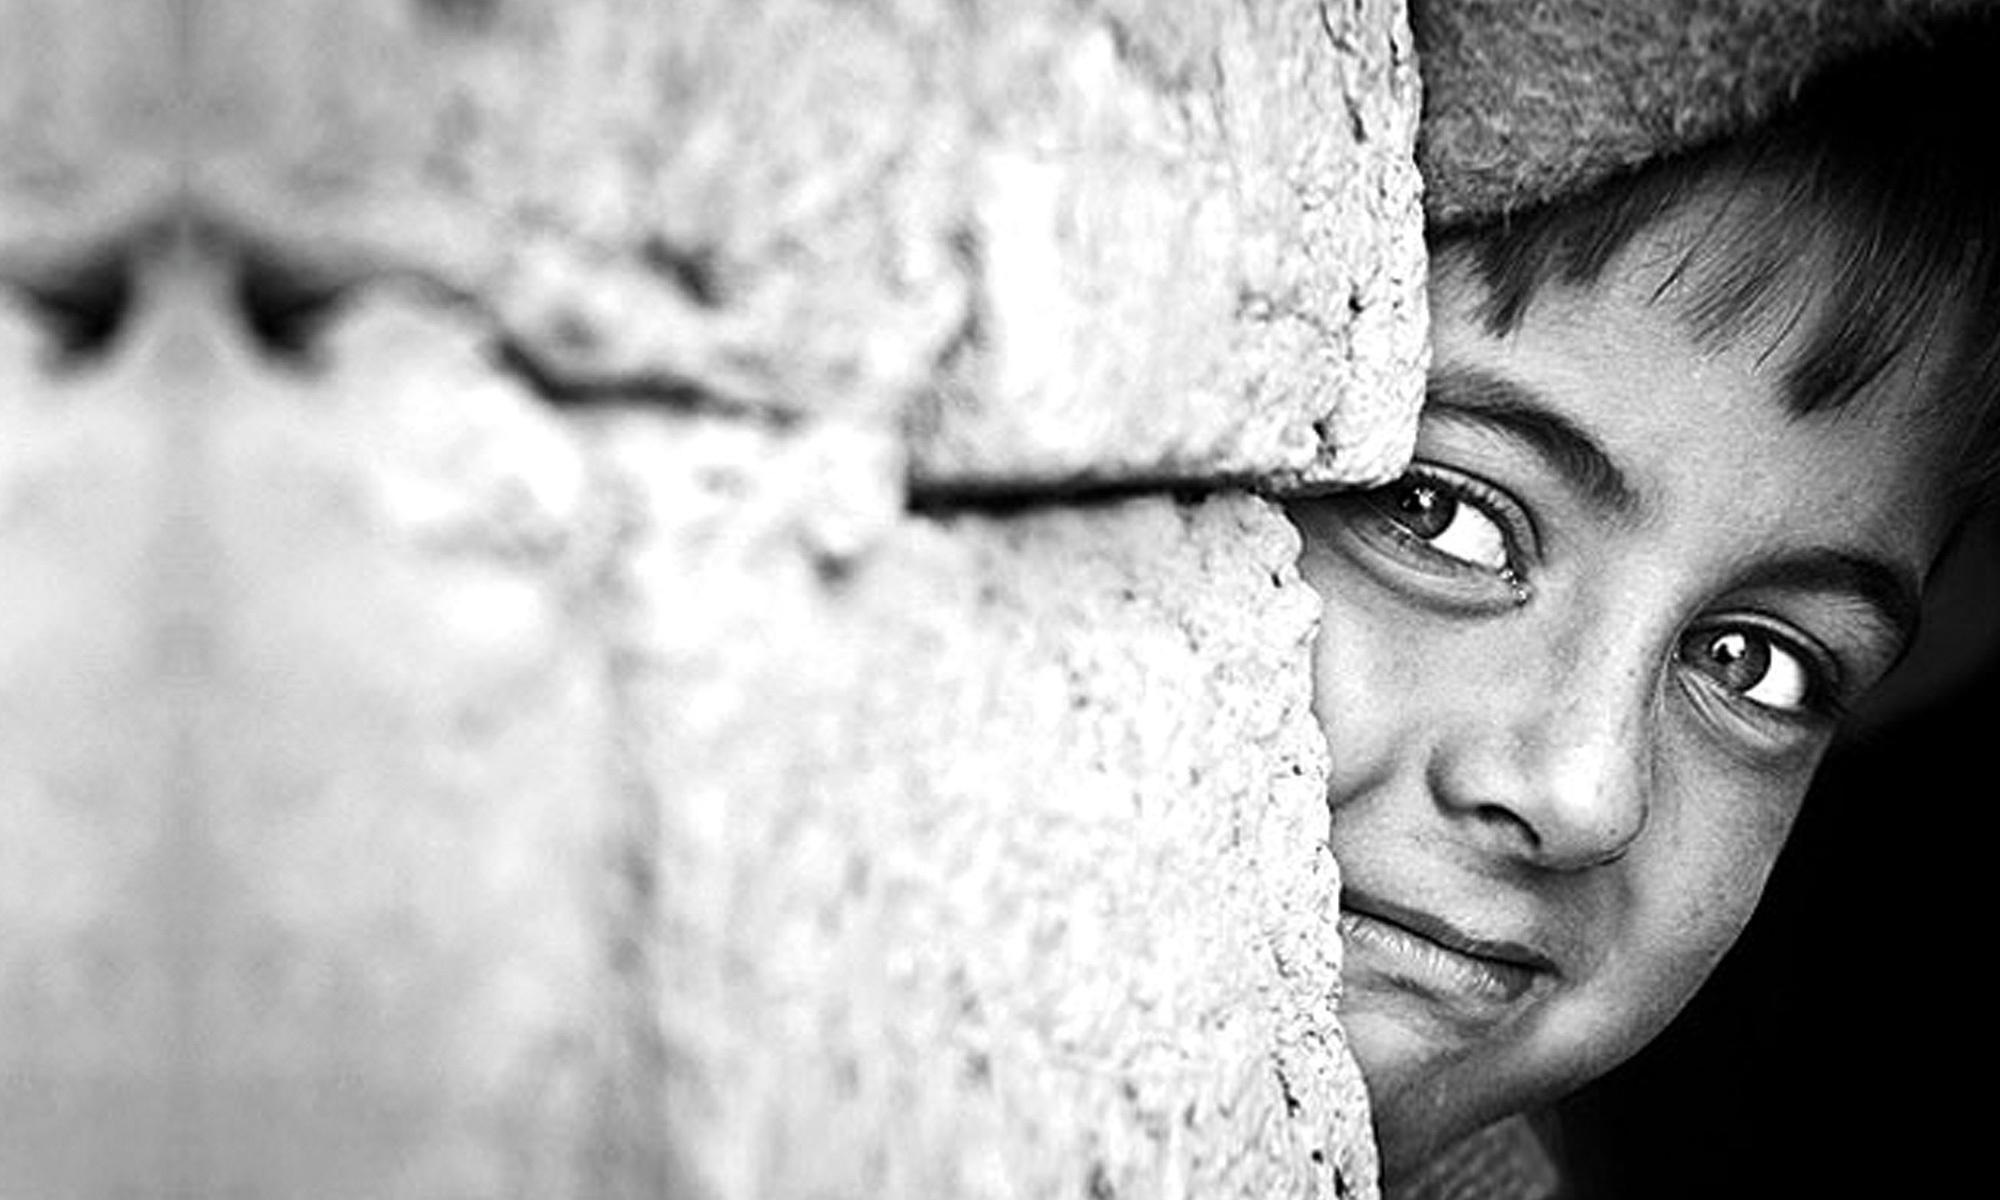 ۵۰۰ یتیم و کودک نیازمند خراسان شمالی چشمانتظار حامی